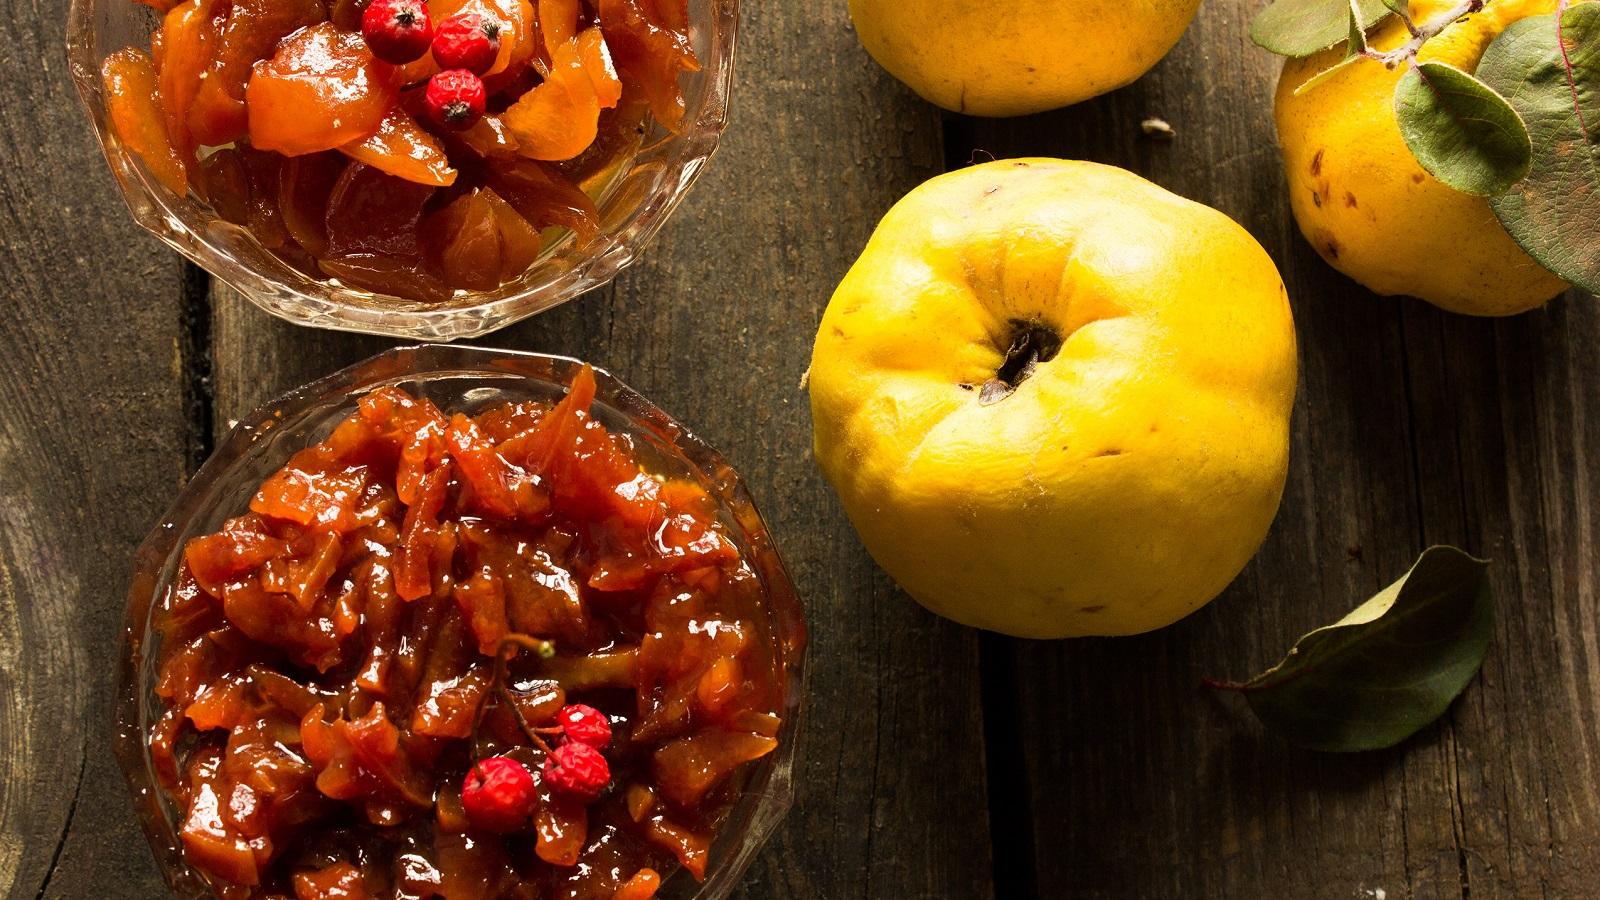 Chutney mit Quitten und Äpfeln in zwei Glasschüsseln angerichtet neben frischen Quitten vor einem Holz-Hintergrund von oben.